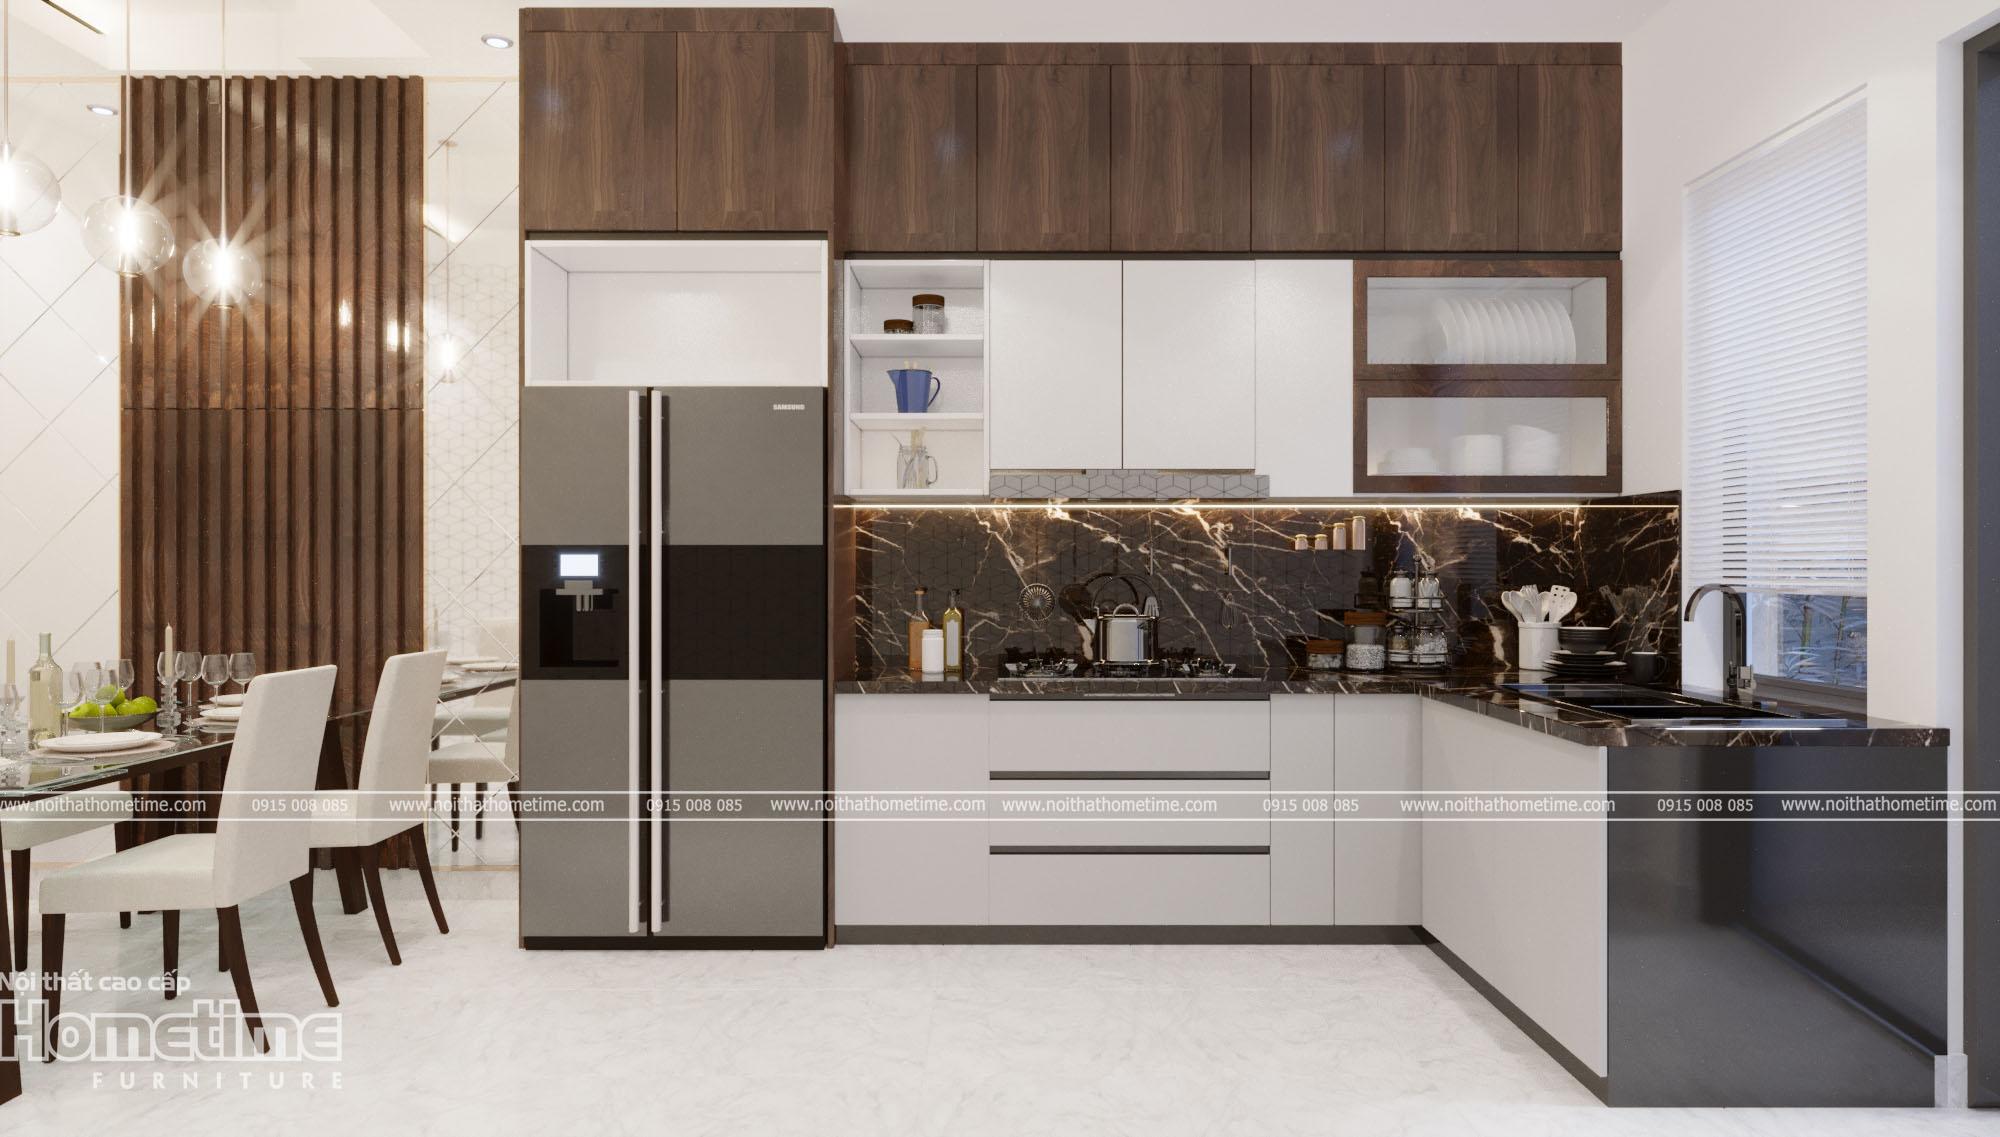 Thiết kế nội thất phòng bếp nhà anh Chính